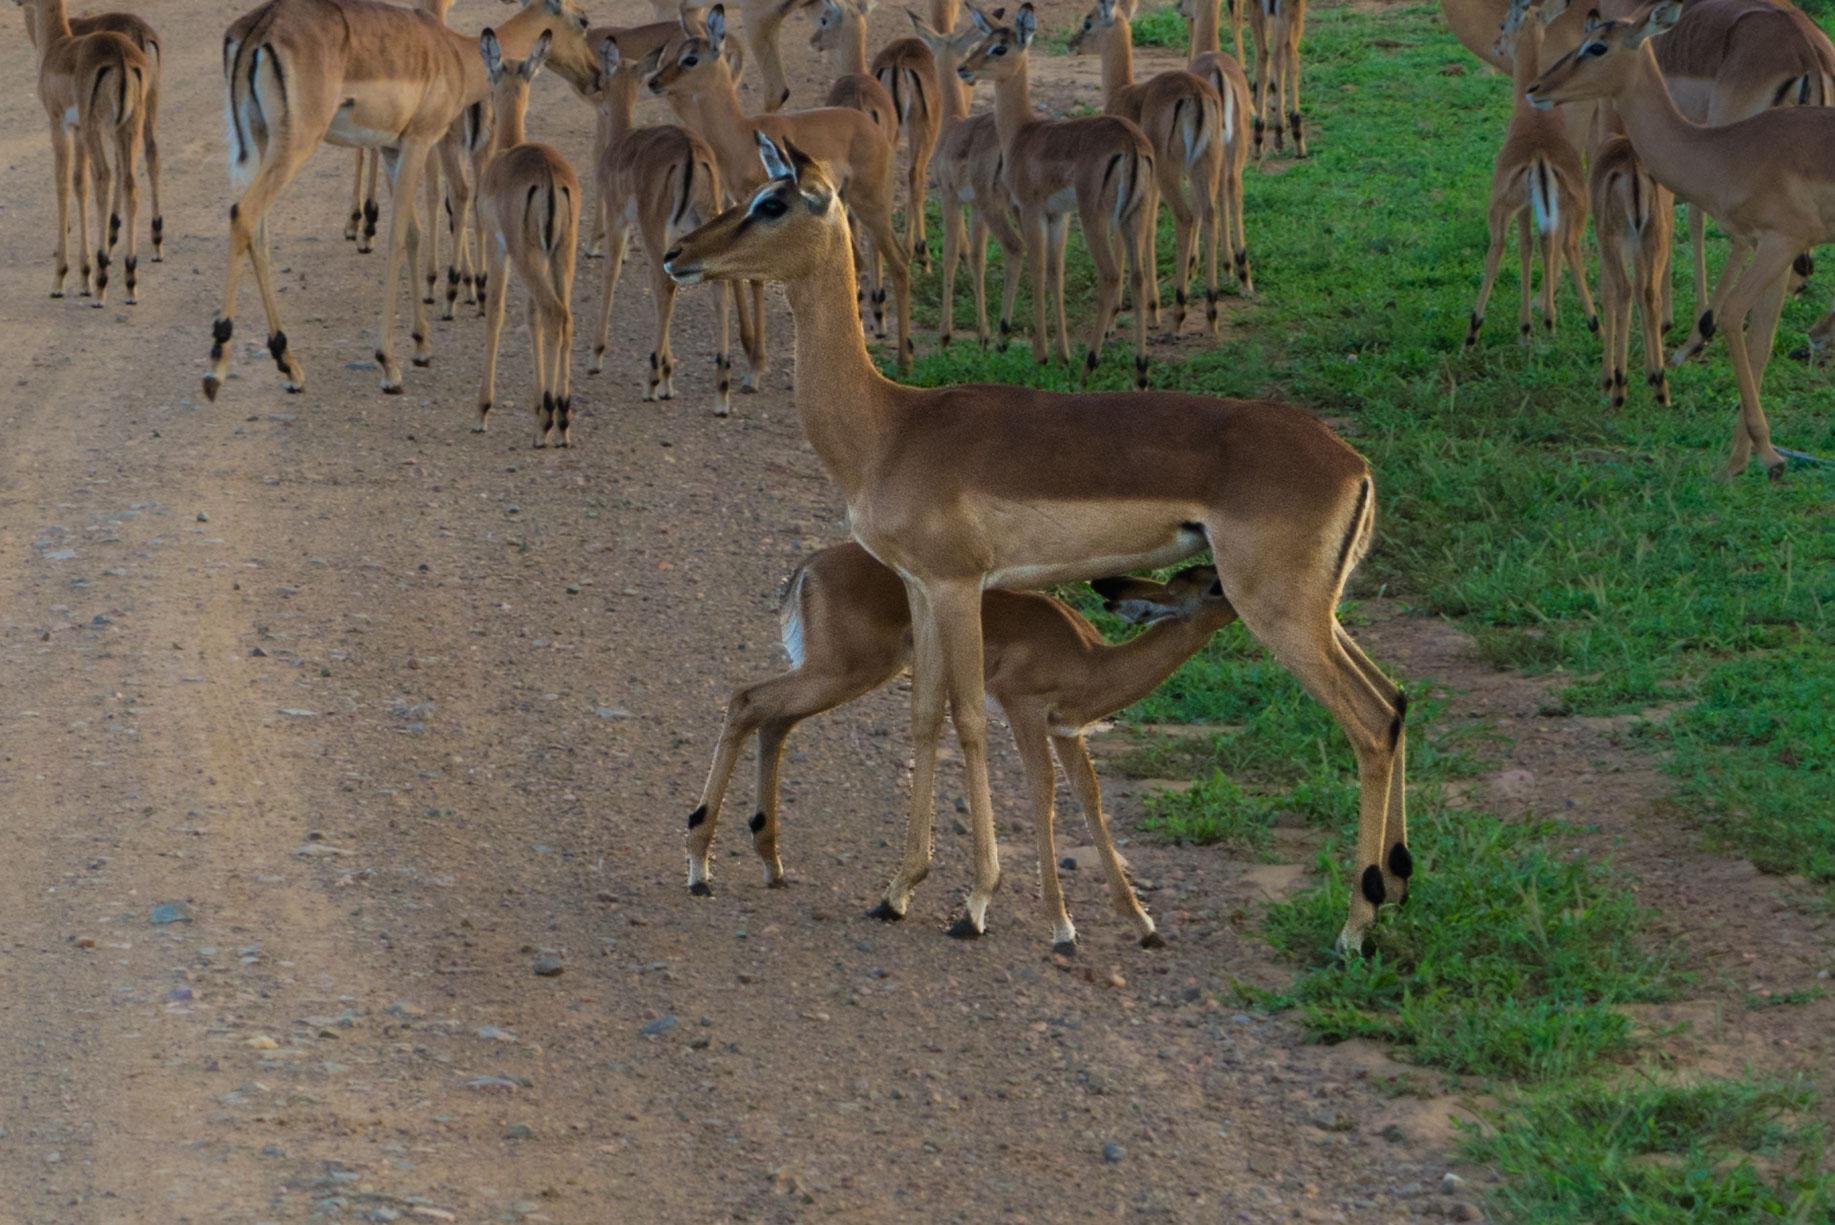 south africa madikwe safari pescart impala